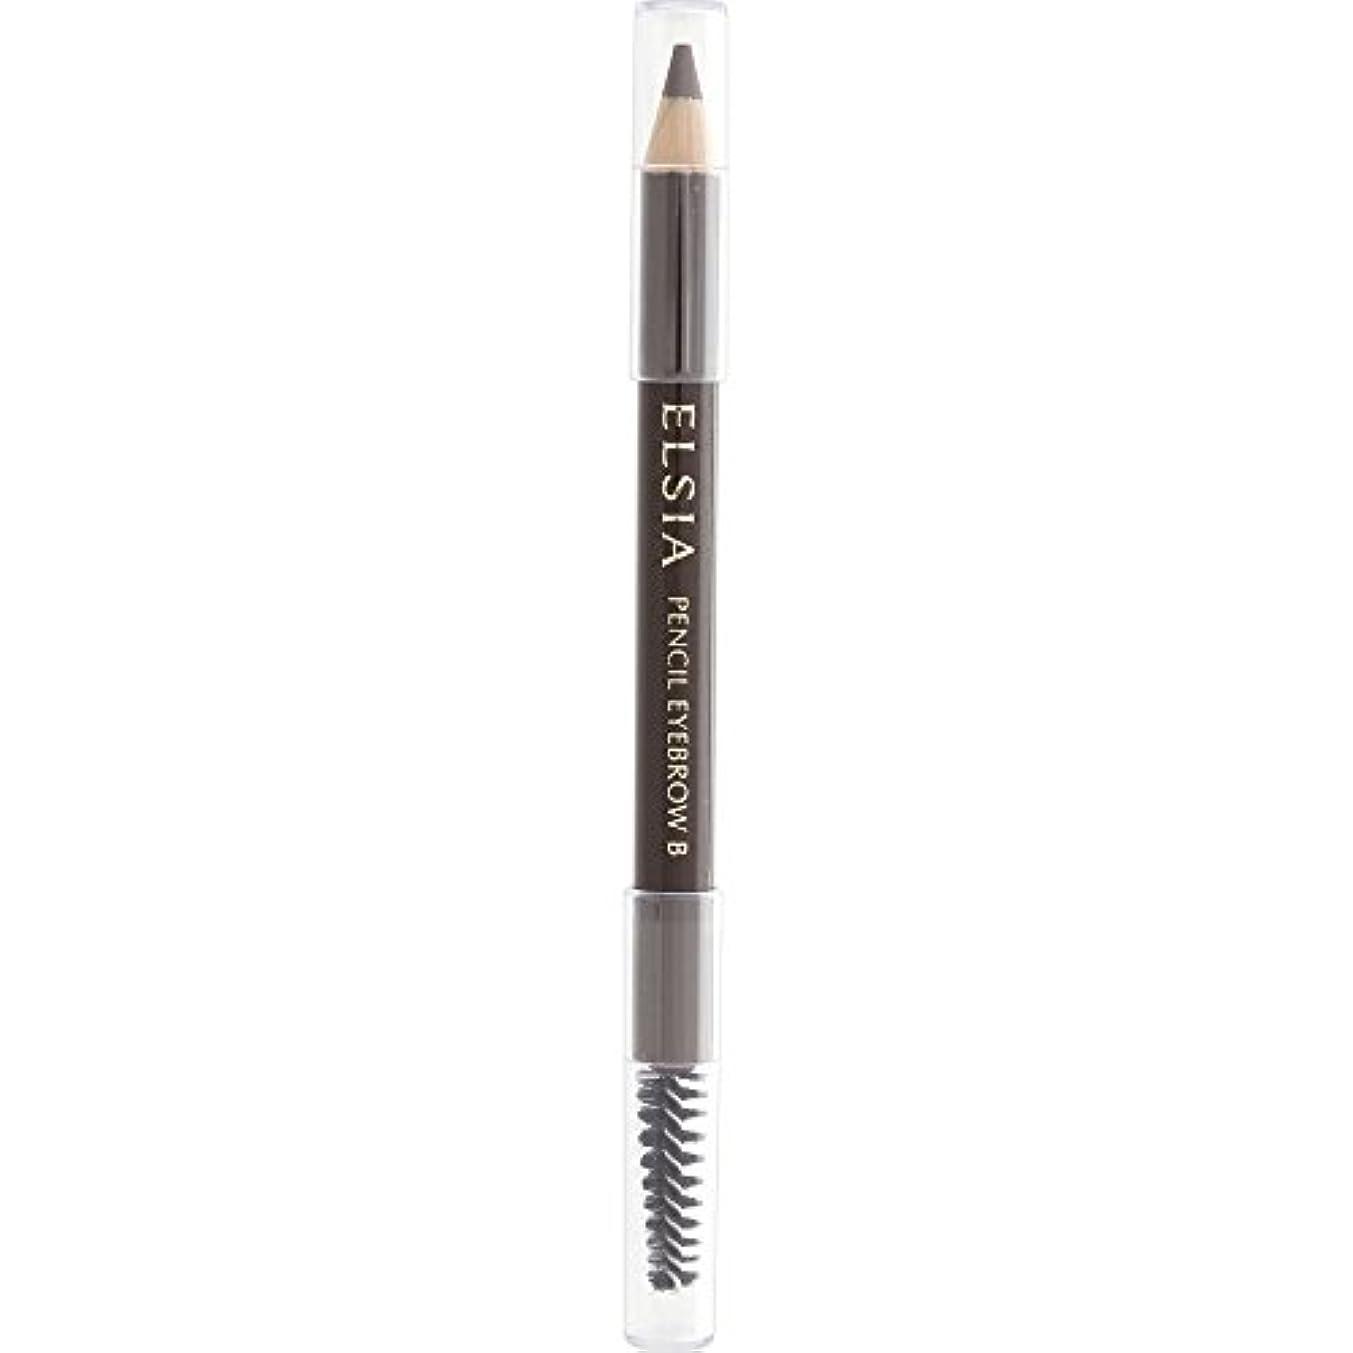 リーン恐怖症そんなにエルシア プラチナム 鉛筆 アイブロウ (ブラシ付) ライトブラウン BR301 1.1g